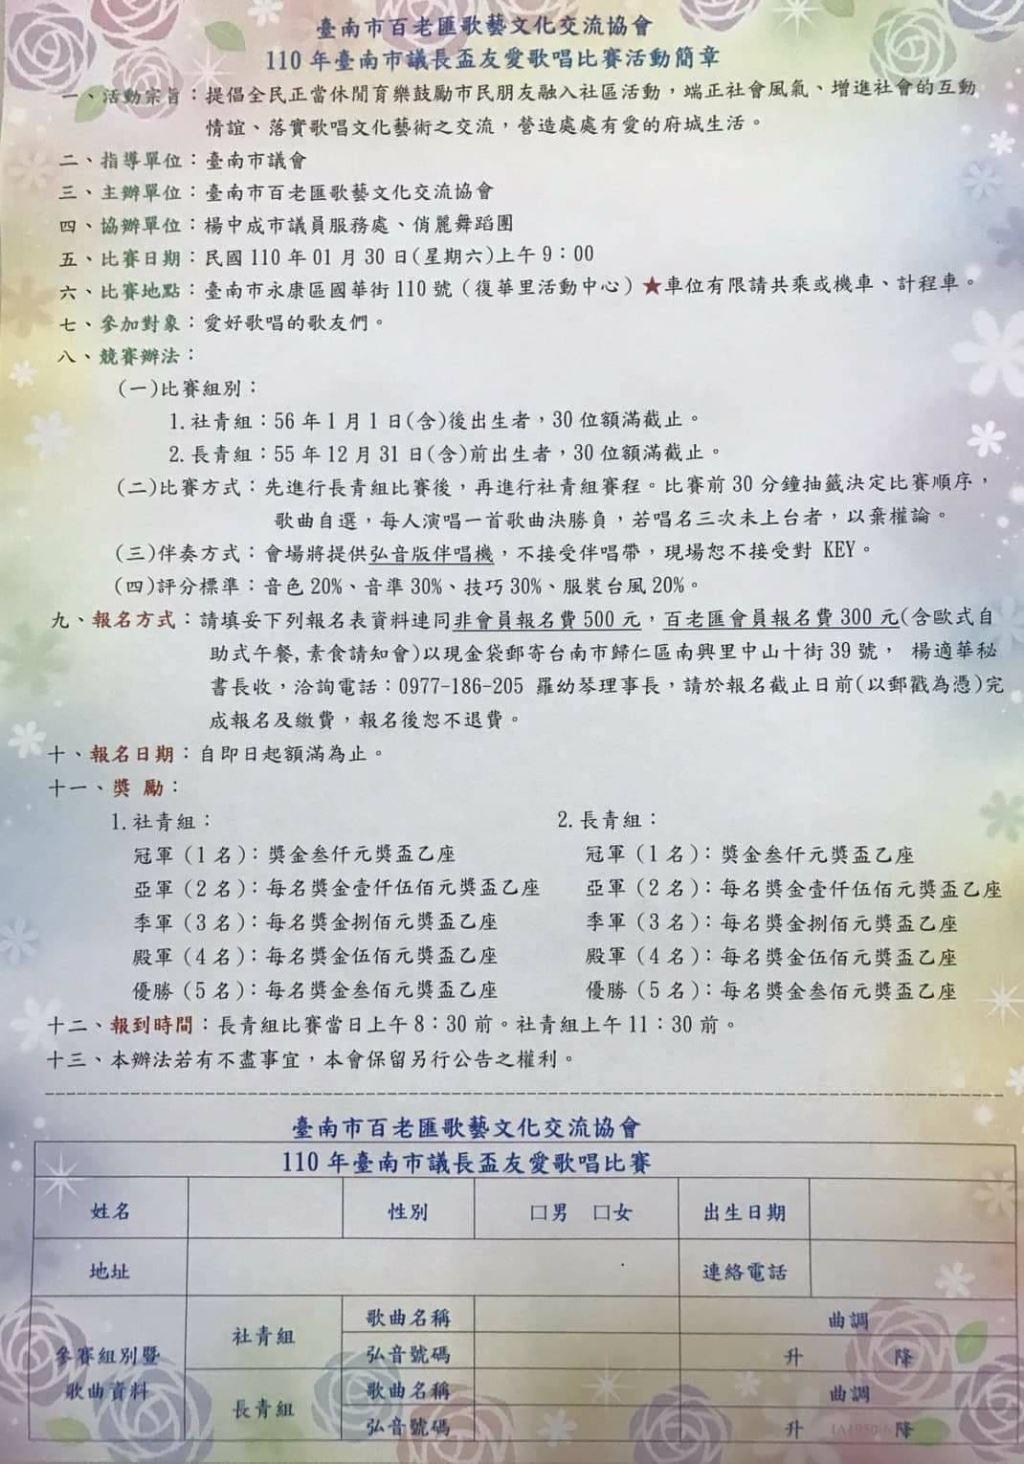 2021年110 年臺南市議長盃友愛歌唱大賽